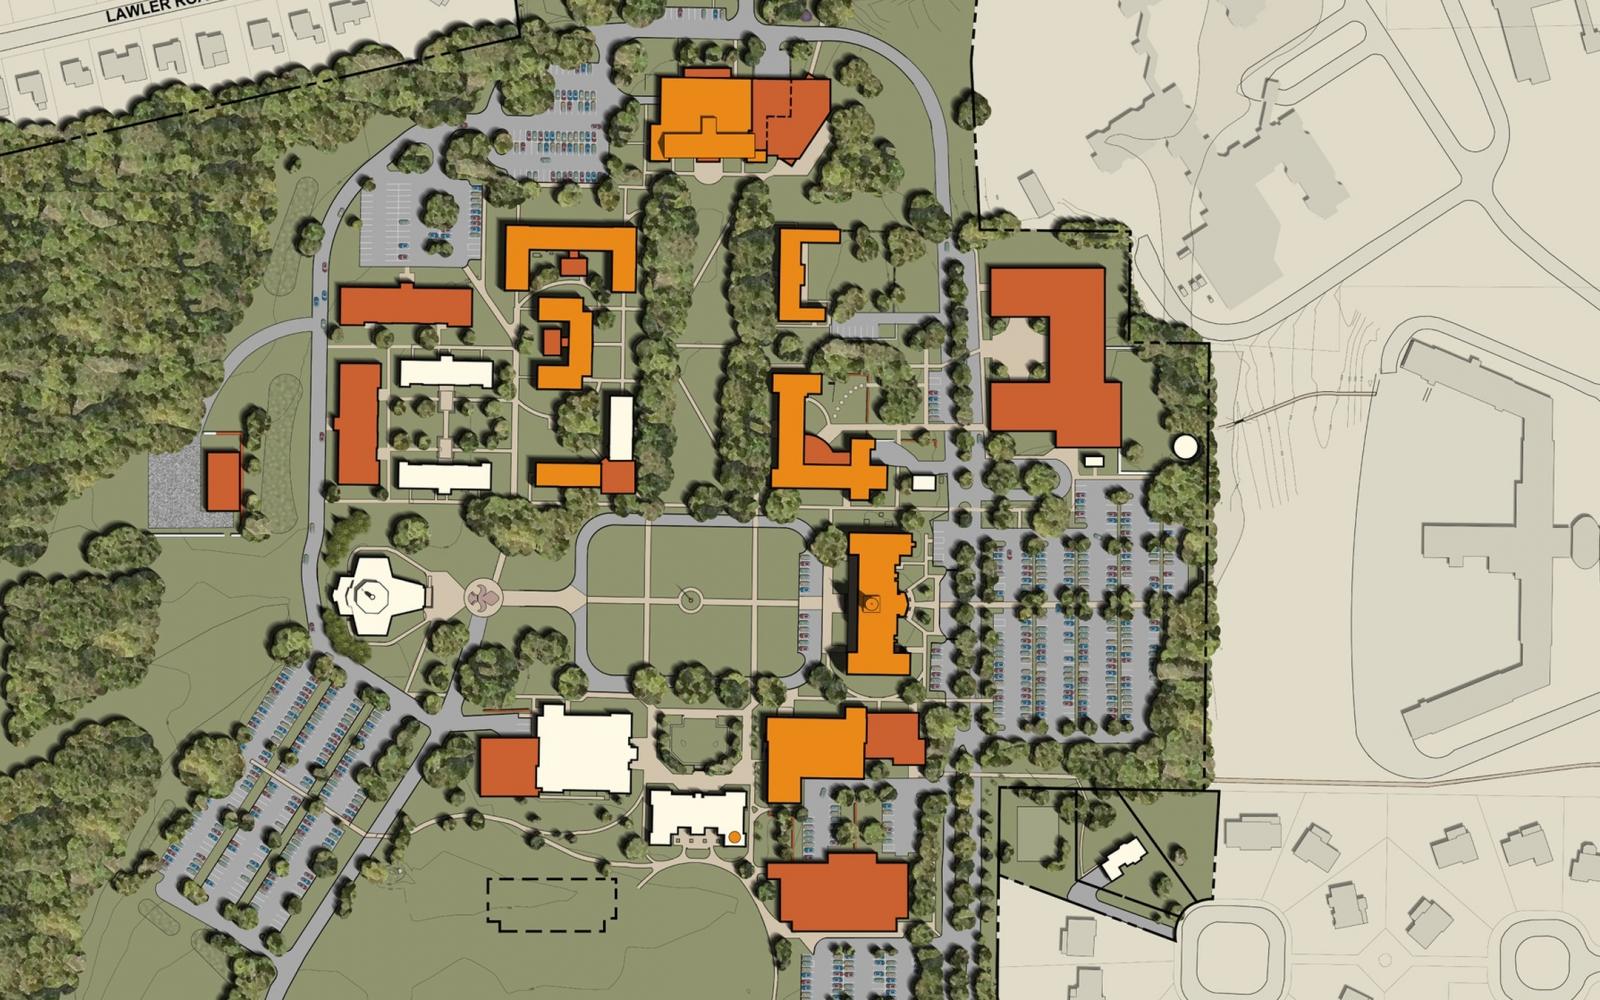 Hartford Hospital Campus Map.Campus Master Plan Eyp